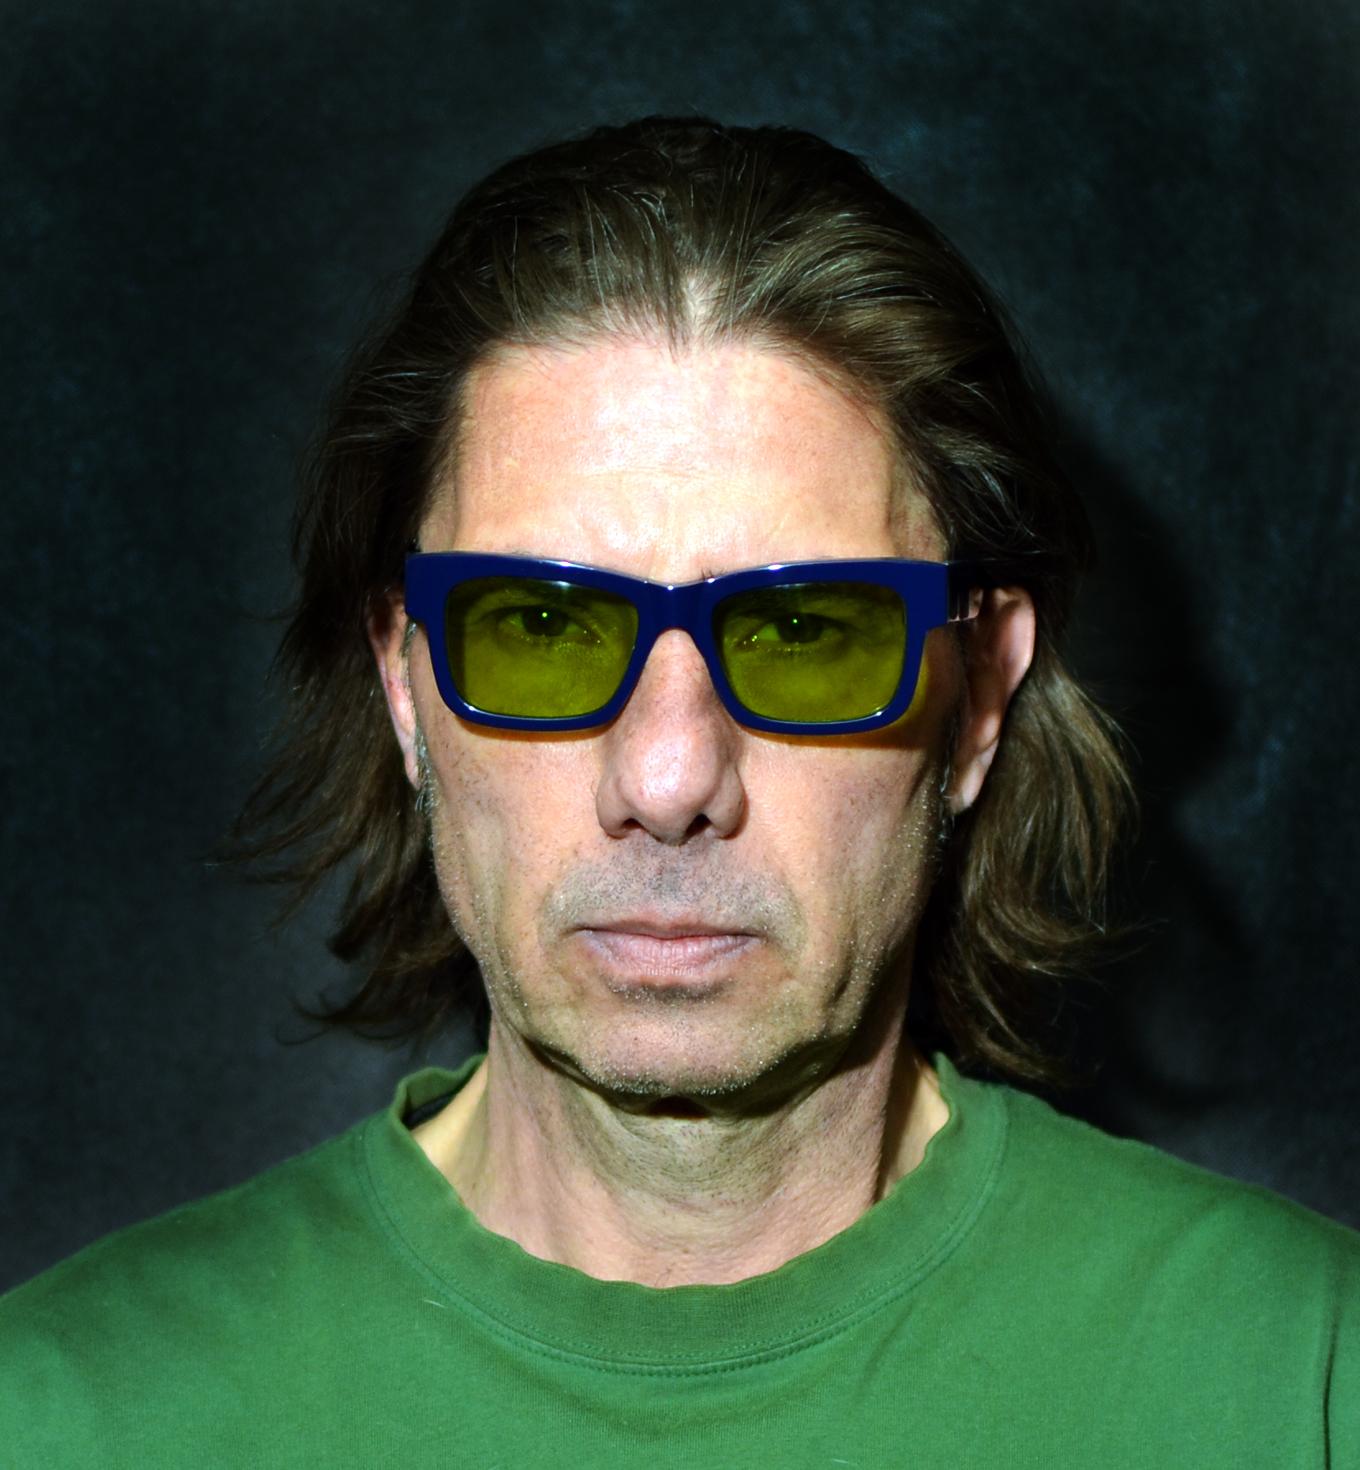 b-reflectacles-eyewear-irpair-privacy.jpg